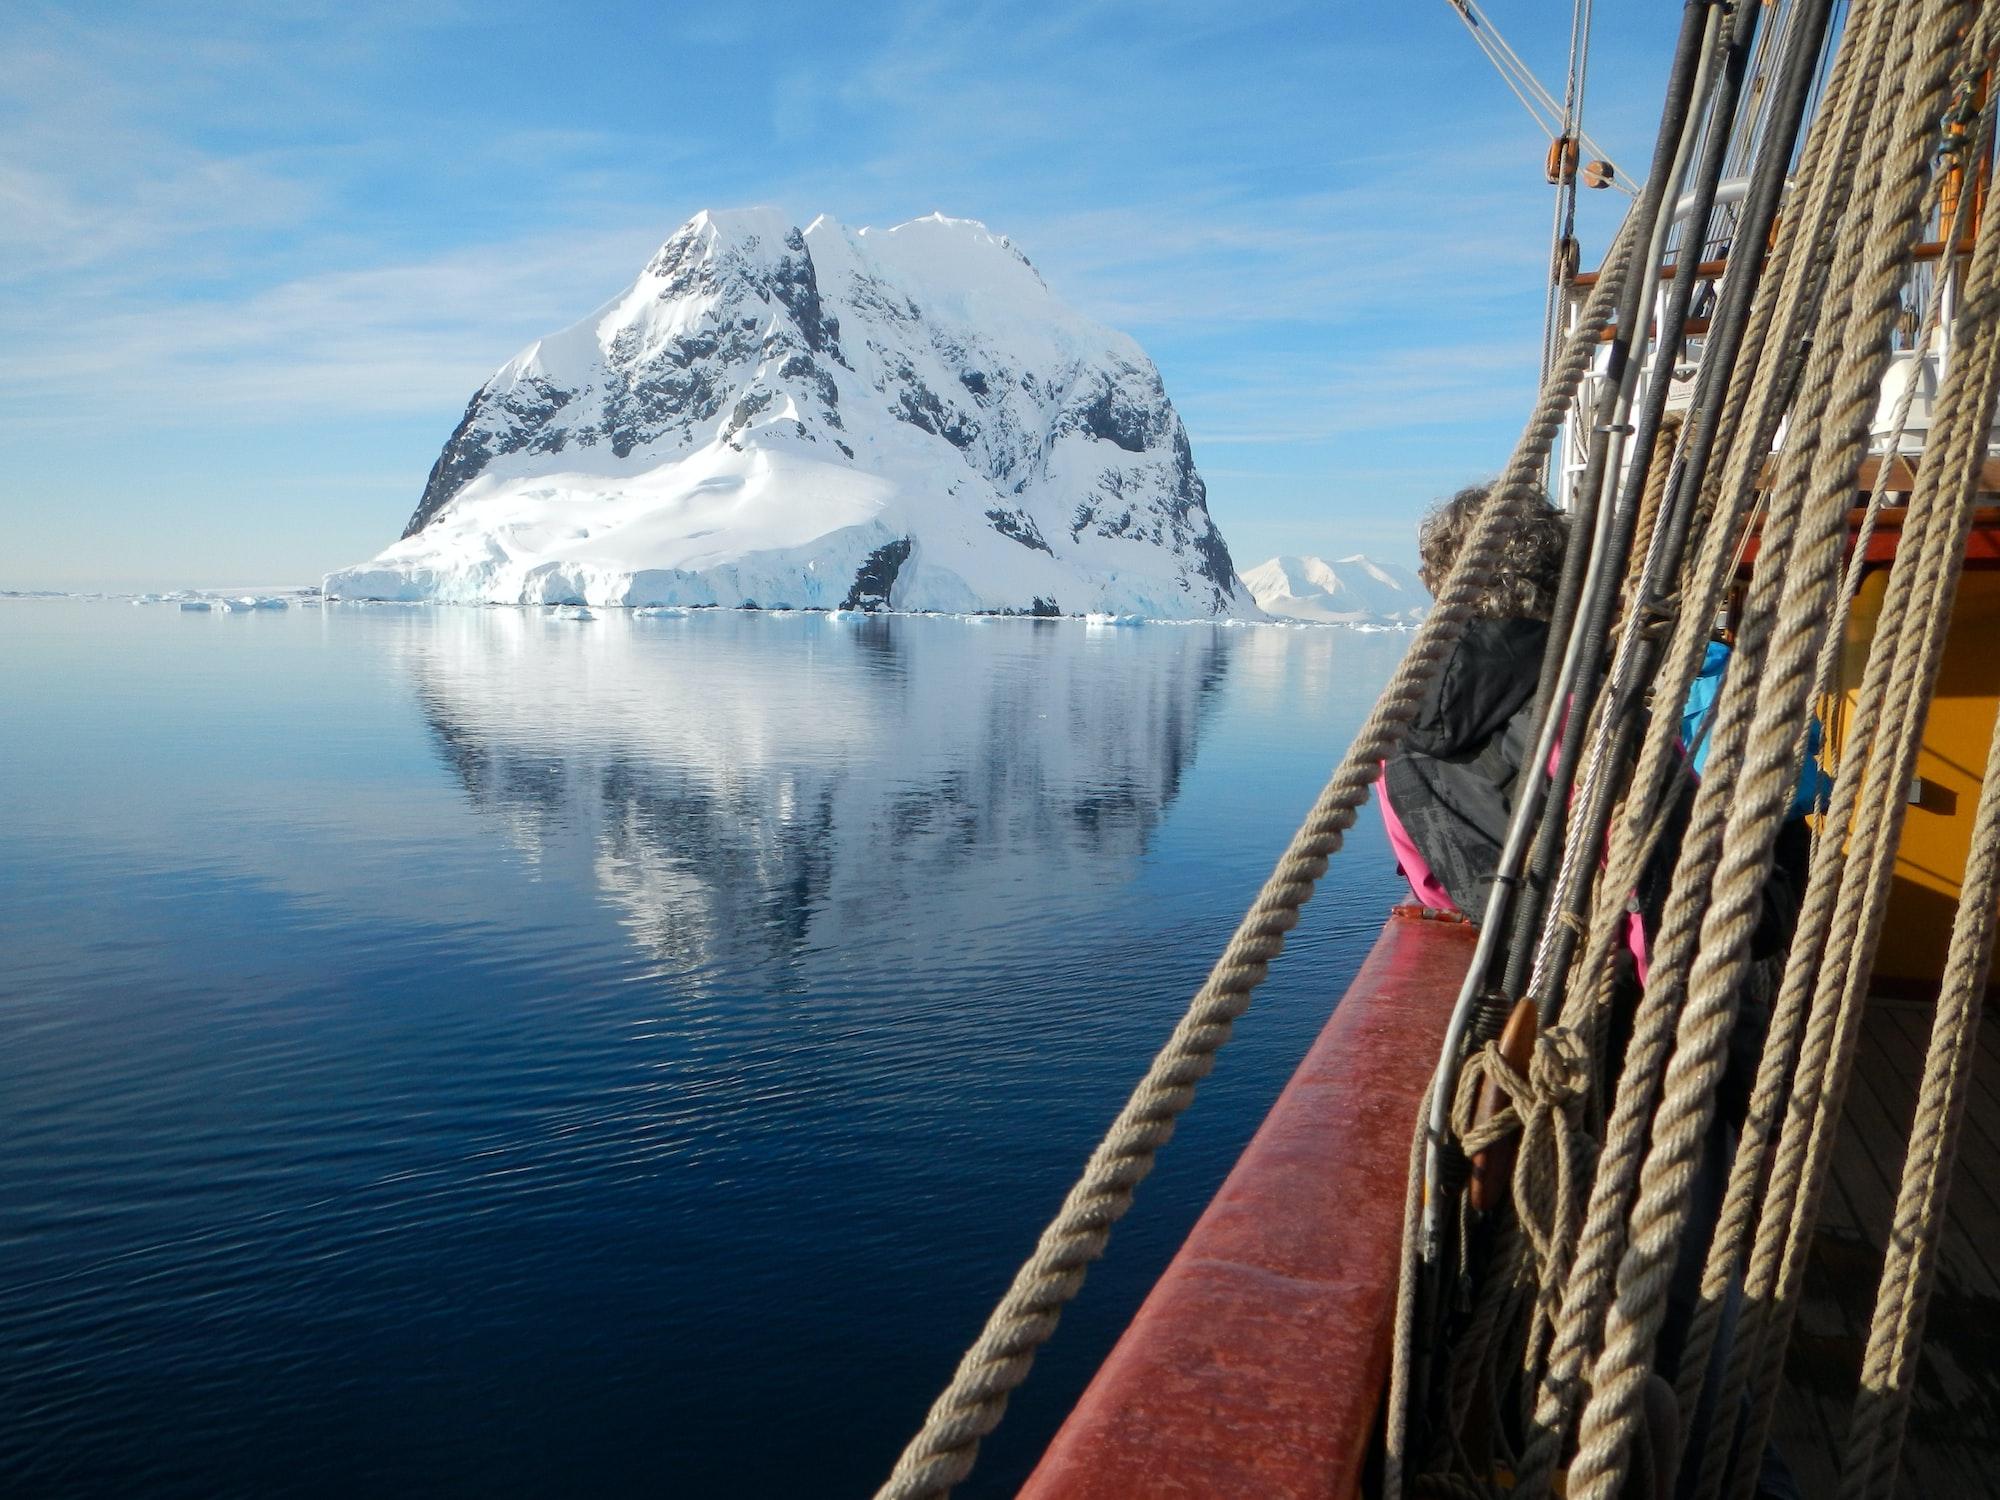 भारतीय वैज्ञानिकों का जवाब नहीं, अंटार्कटिका में नई काई खोजी, नाम रखा भारतीन्सिस